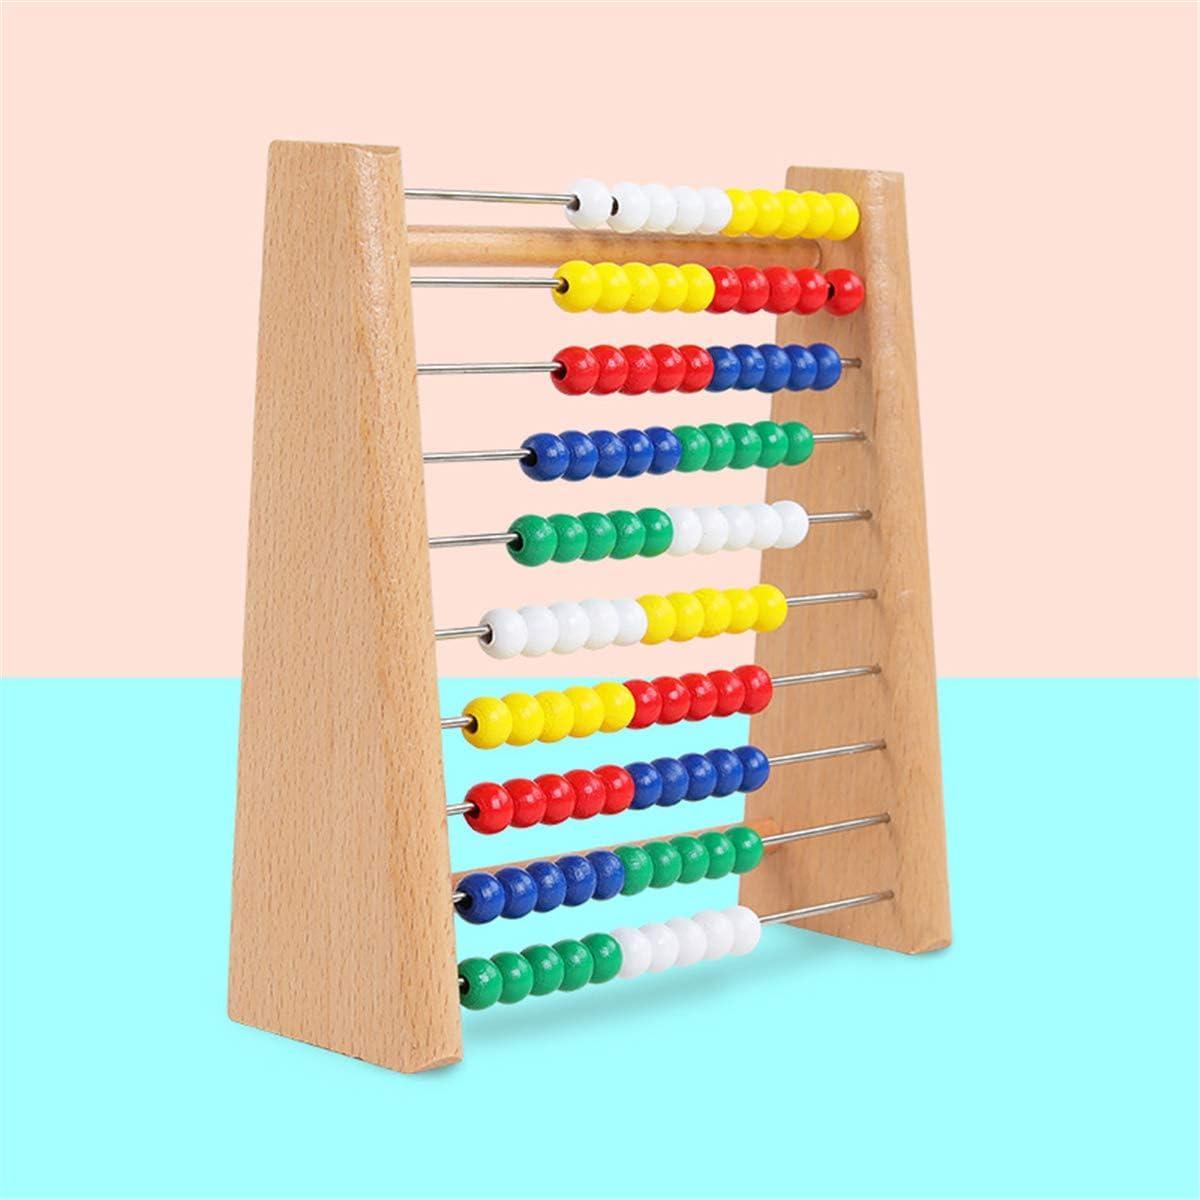 jiheousty 6,5Abacus Classic Holzspielzeug 123 Lernen Mathematik Z/ählen Perlen P/ädagogische Z/ähler Spielzeug f/ür Baby Kleinkind